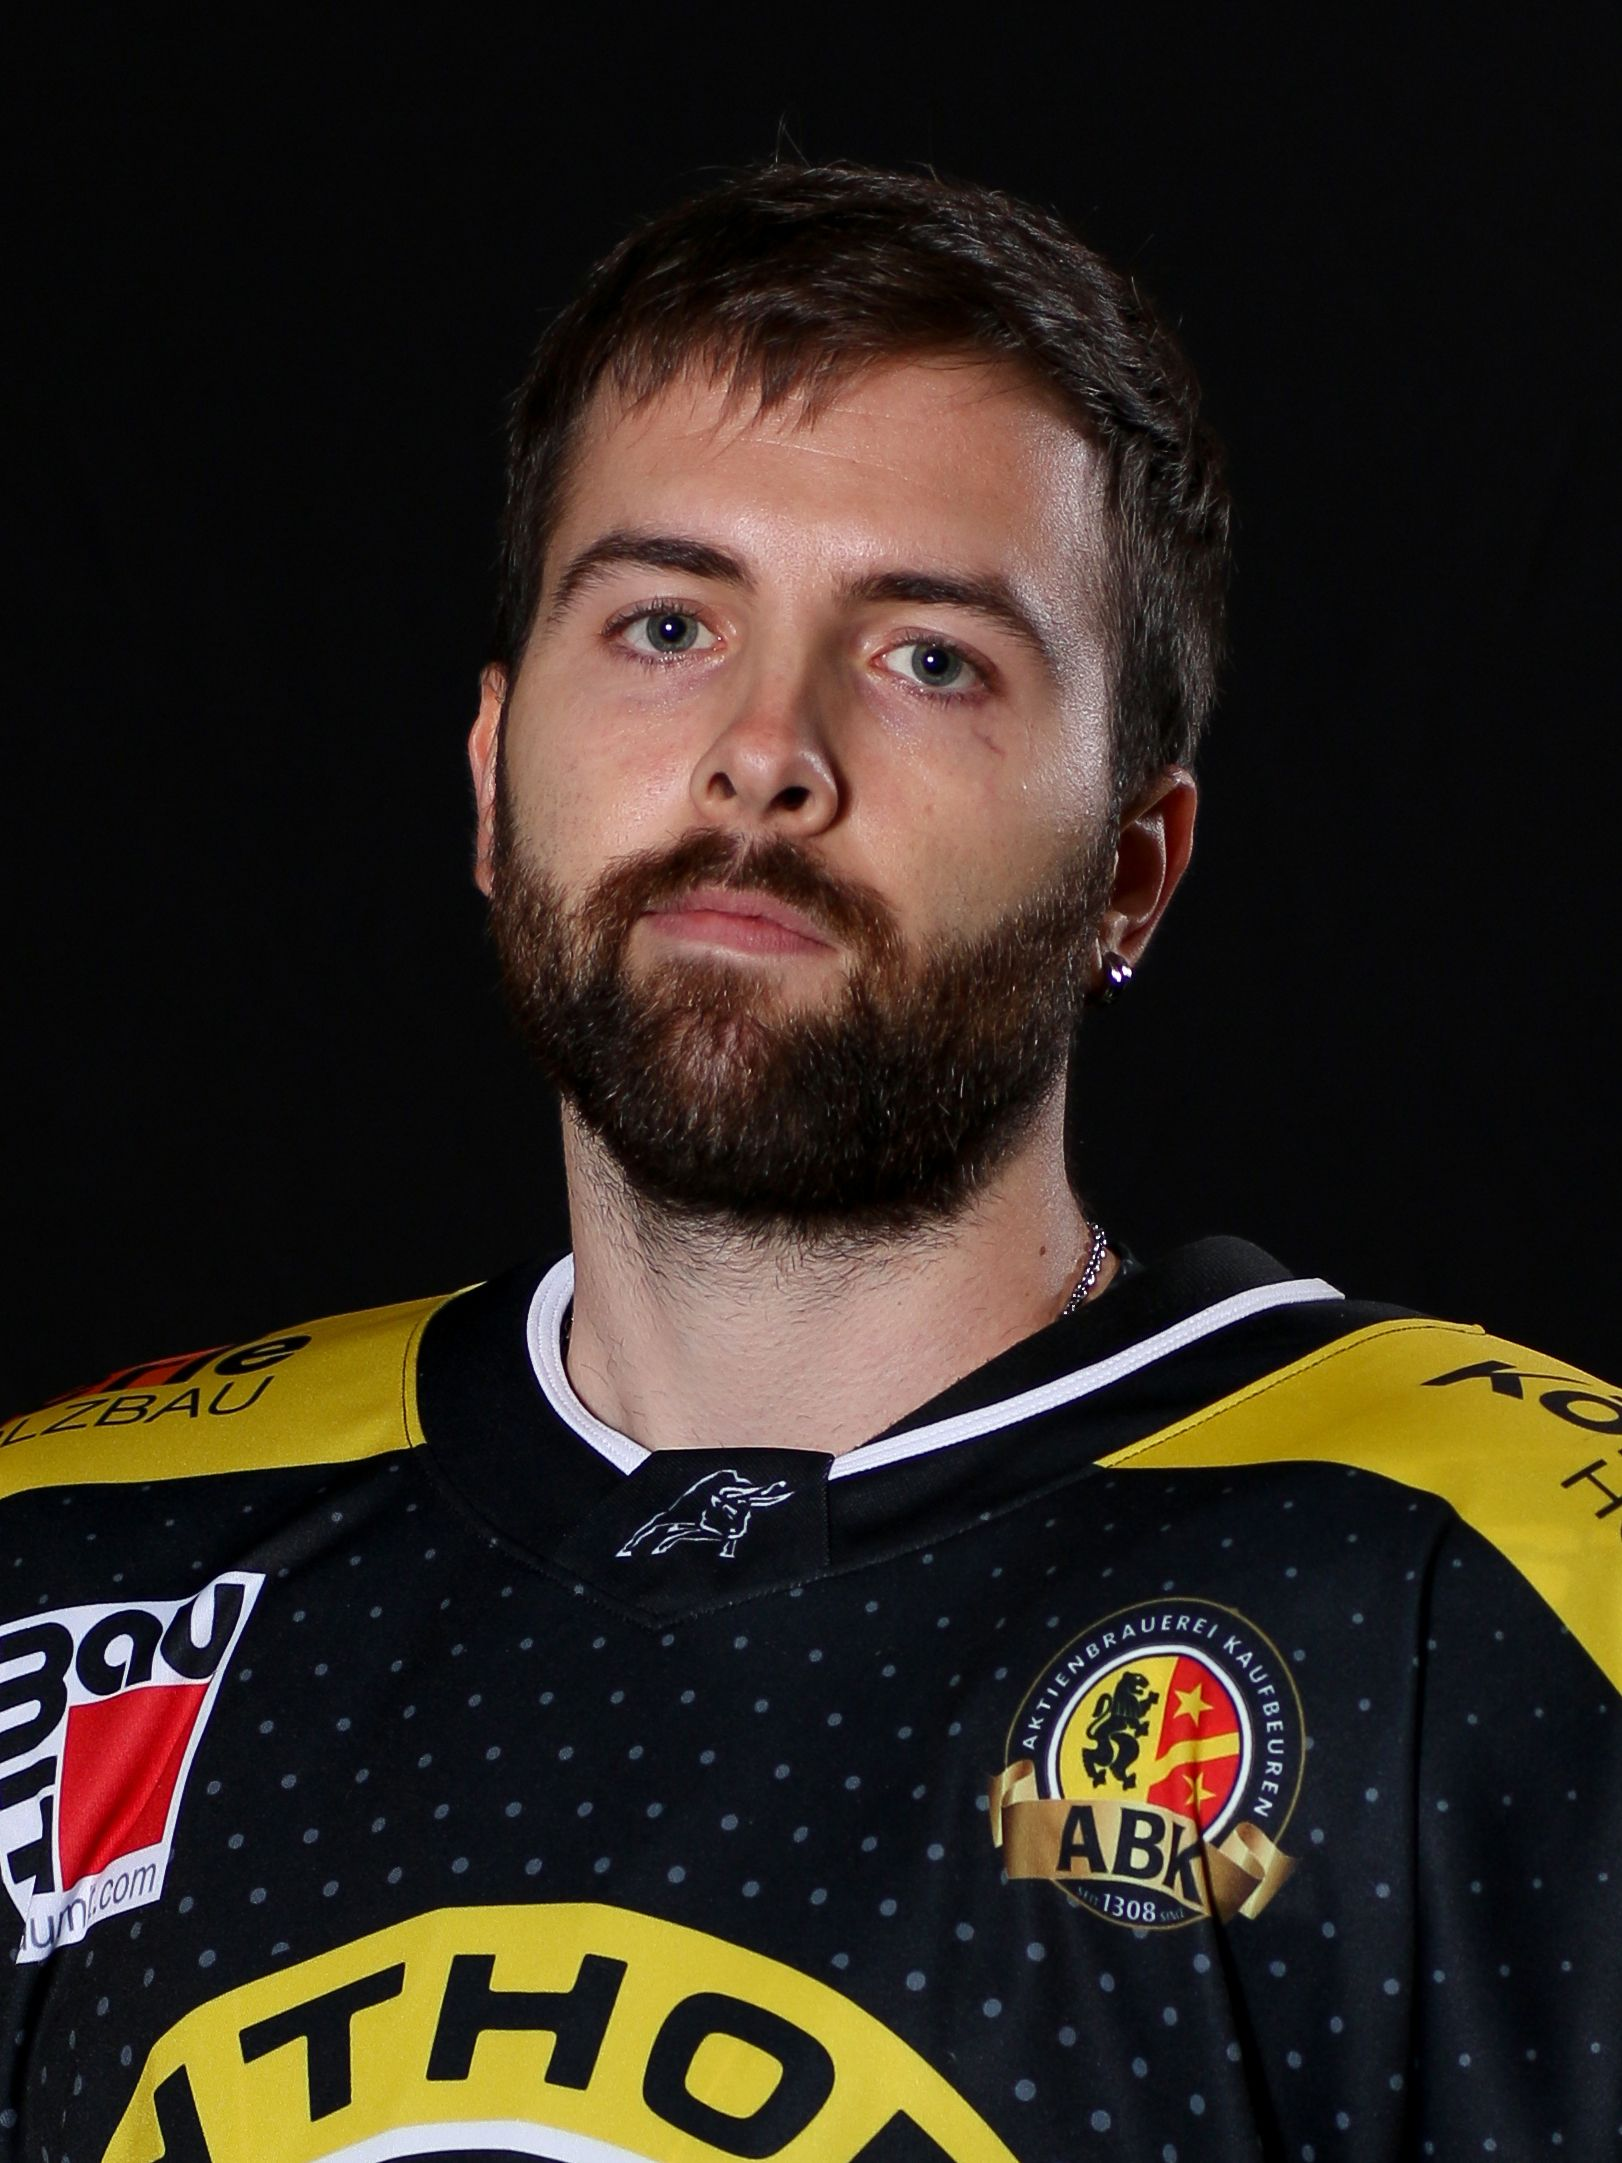 Joachim Hartmann